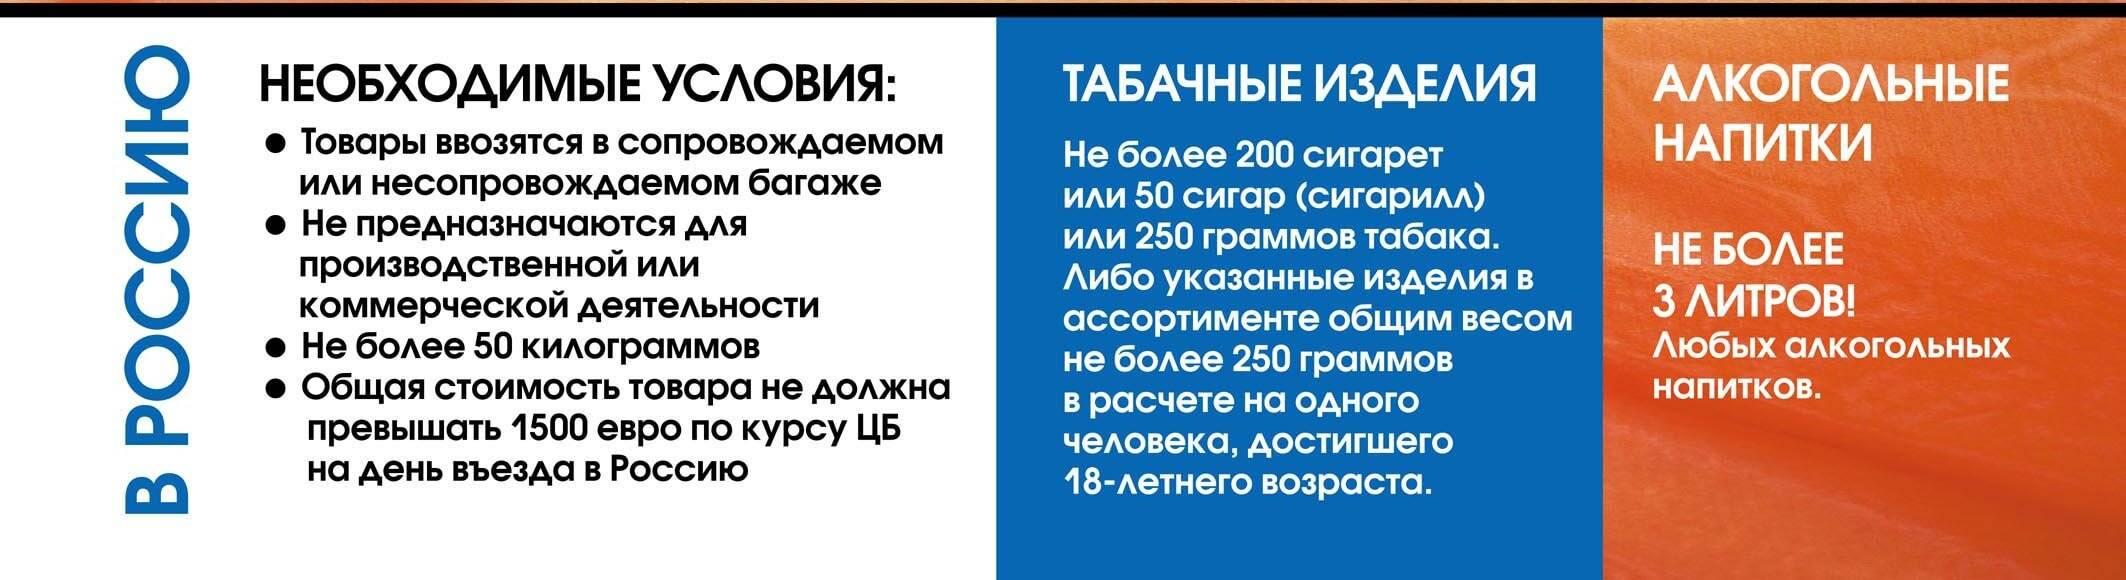 Ввоз сигарет в россию: правила и нормы для багажа и ручной клади